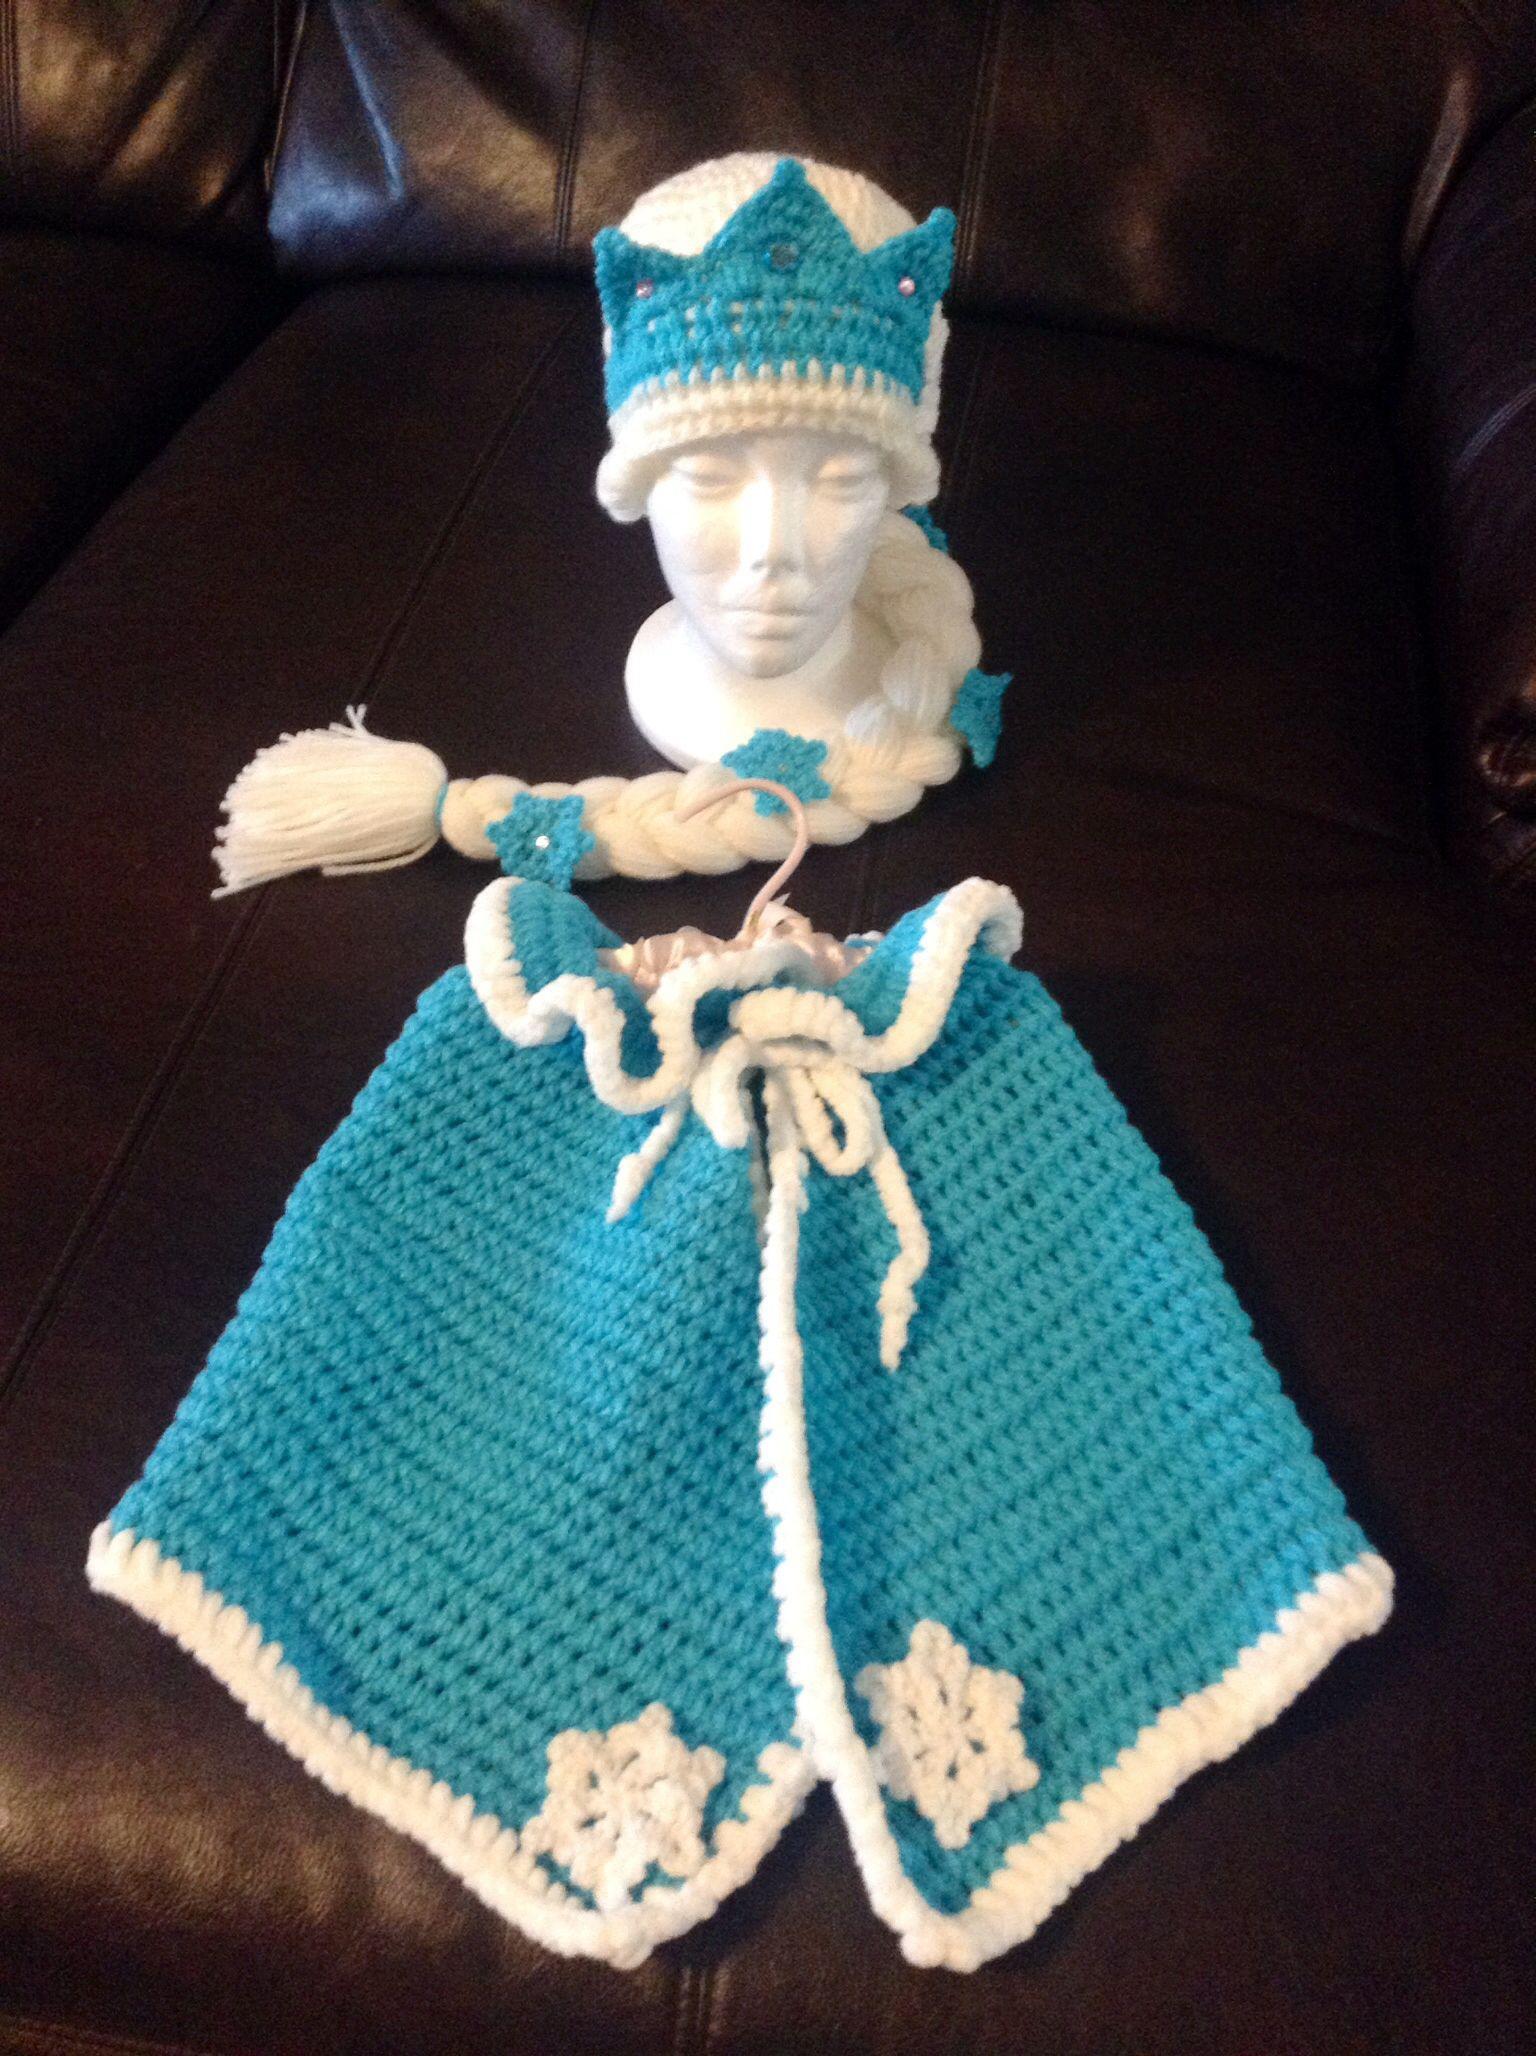 Crochet Baby Elsa Frozen inspired baby outfitphoto prop